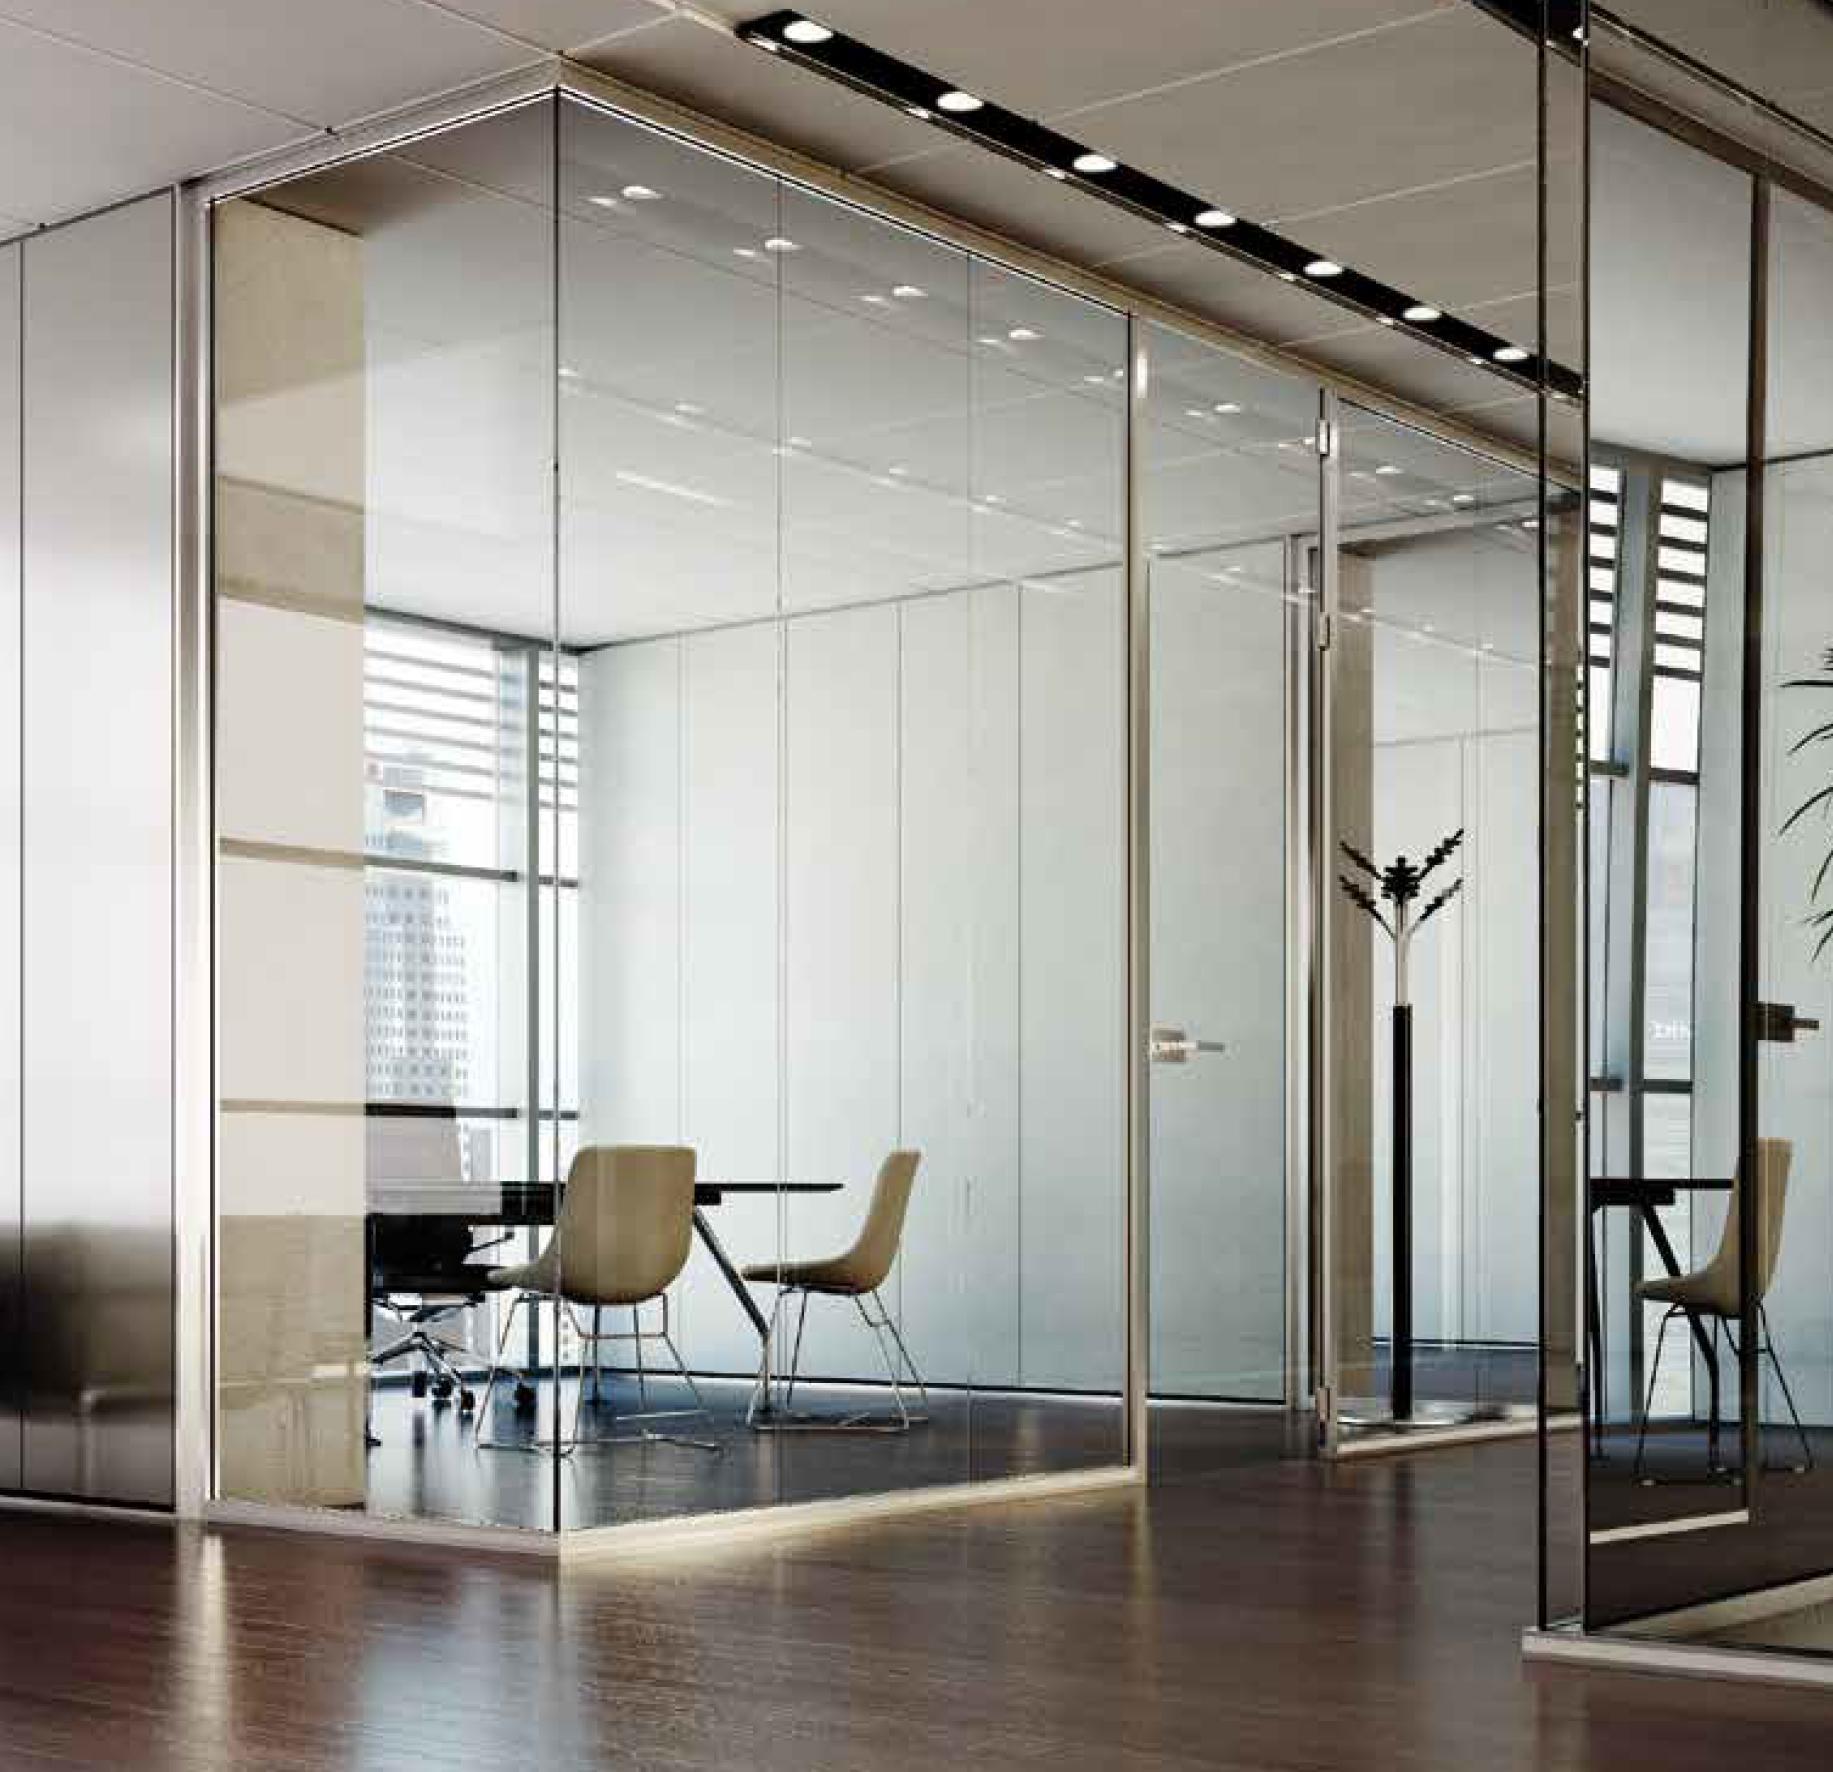 Pareti ventilate facciate continue pareti vetro - Parete divisoria mobile ...